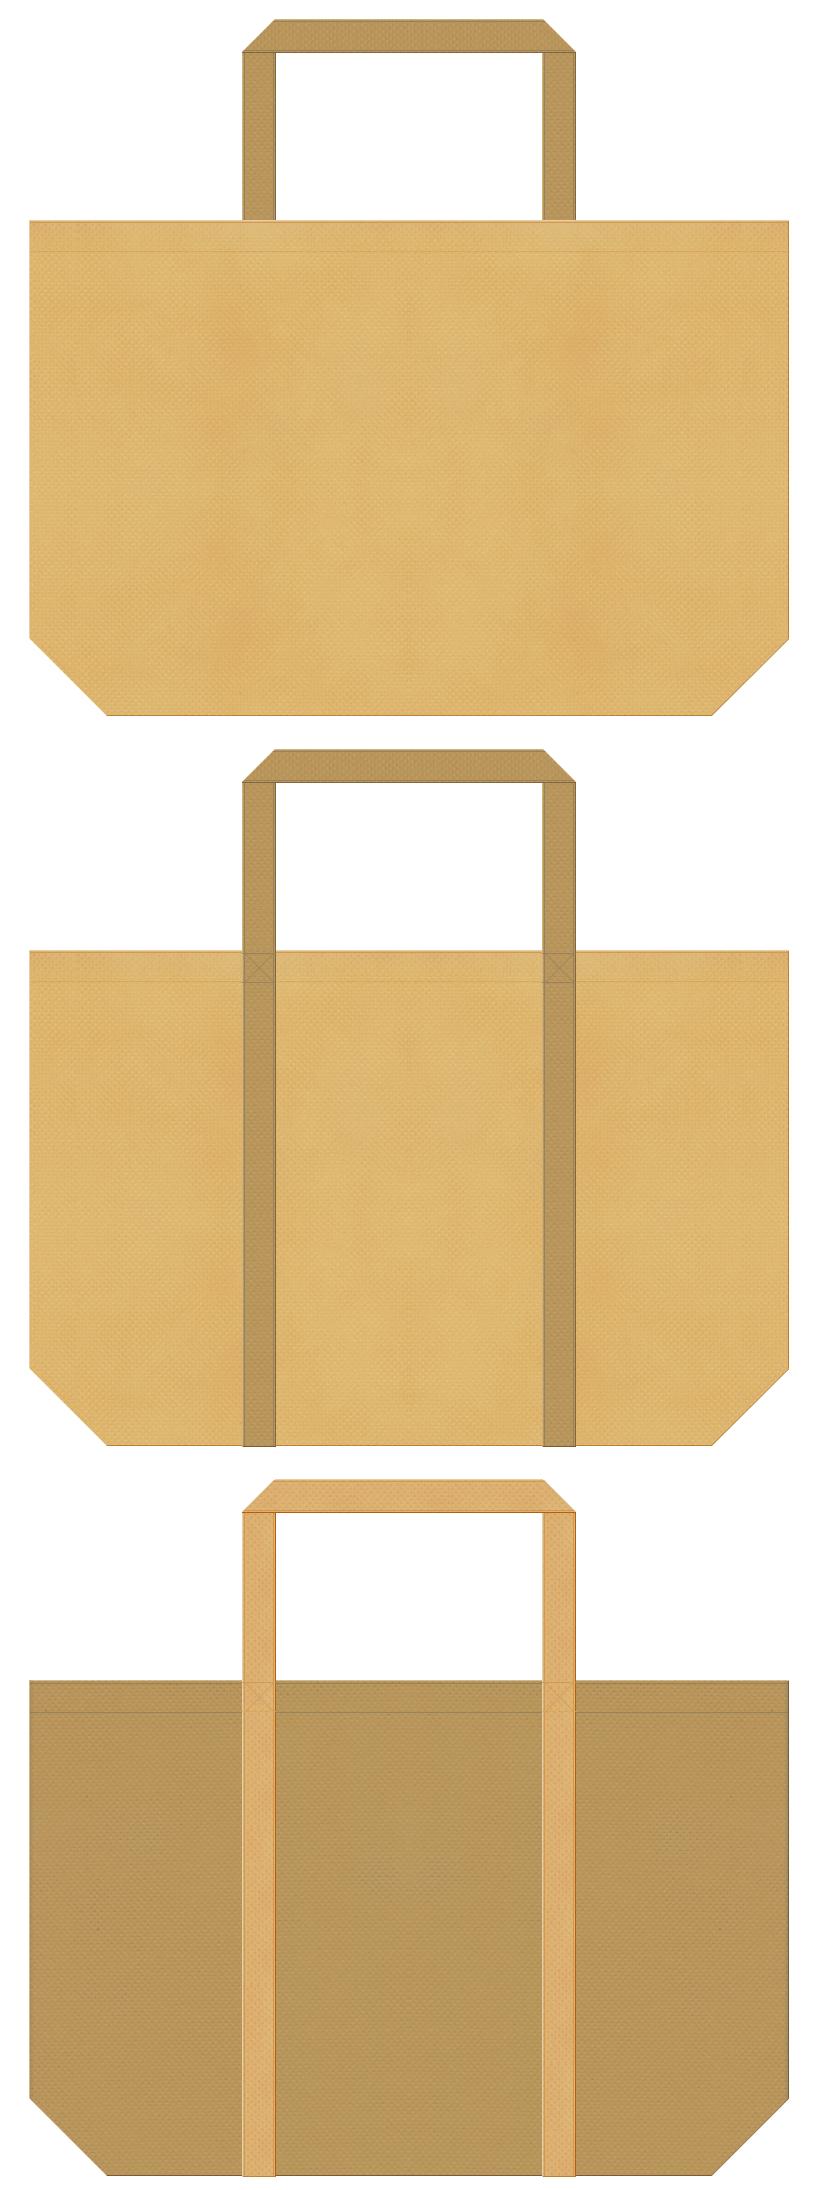 薄黄土色と金色系黄土色の不織布バッグデザイン。手芸・木工用品のショッピングバッグにお奨めです。